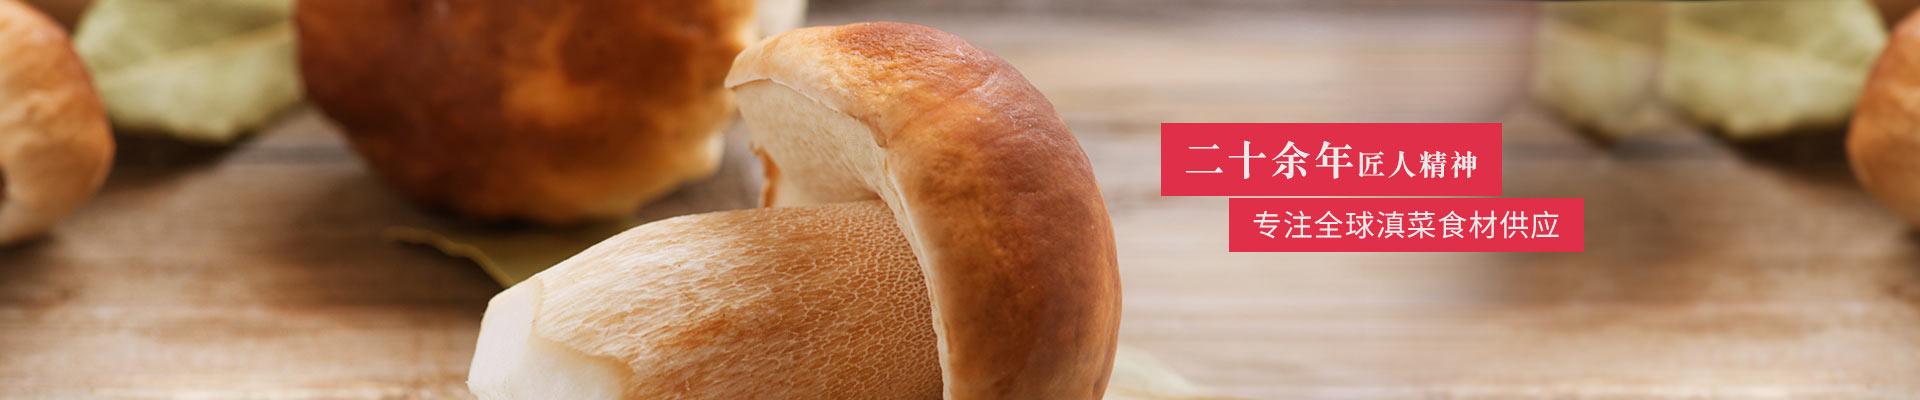 二十余年匠人精神 专注全球优质食材供应-万力贸易